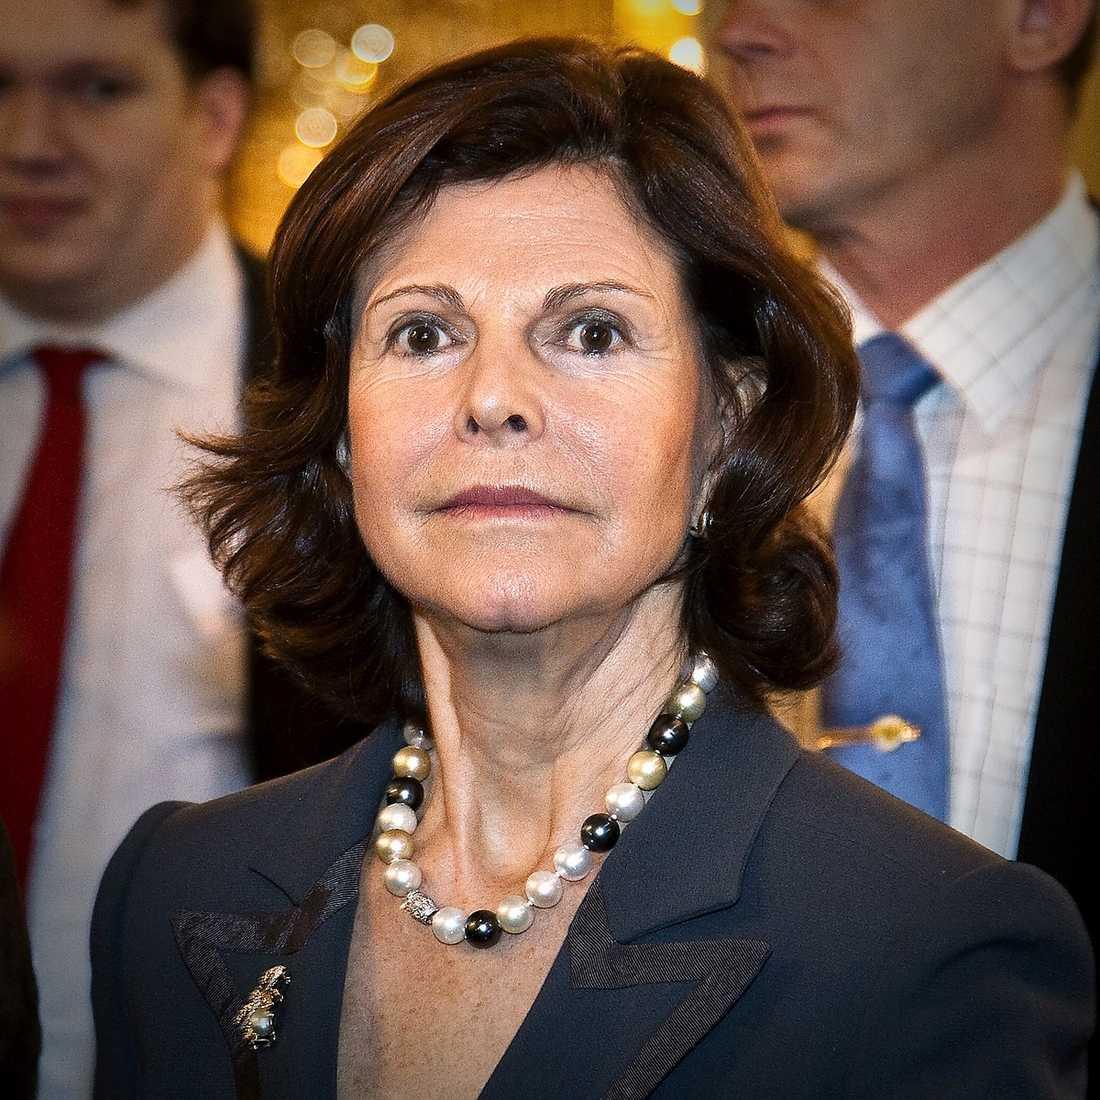 Jag var inte rädd för vad jag skulle hitta i arkiven, säger drottning Silvia till GP.